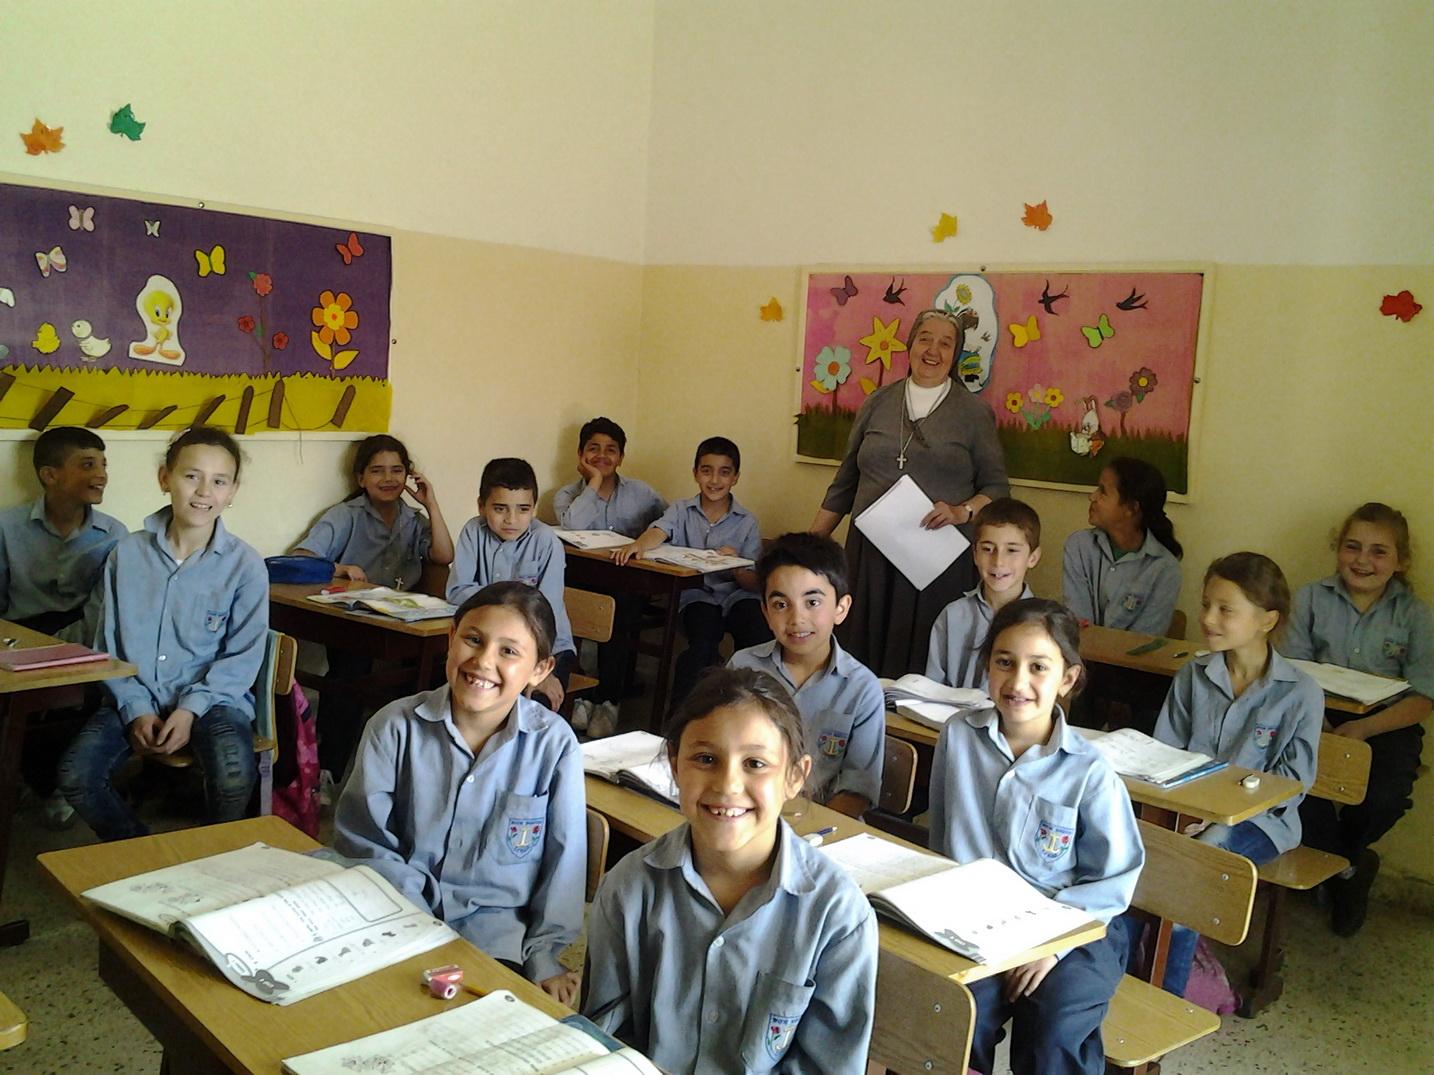 cargo-partner společně s organizací Jugend Eine Welt podporují nemocnici v Sýrii a školu v Libanonu